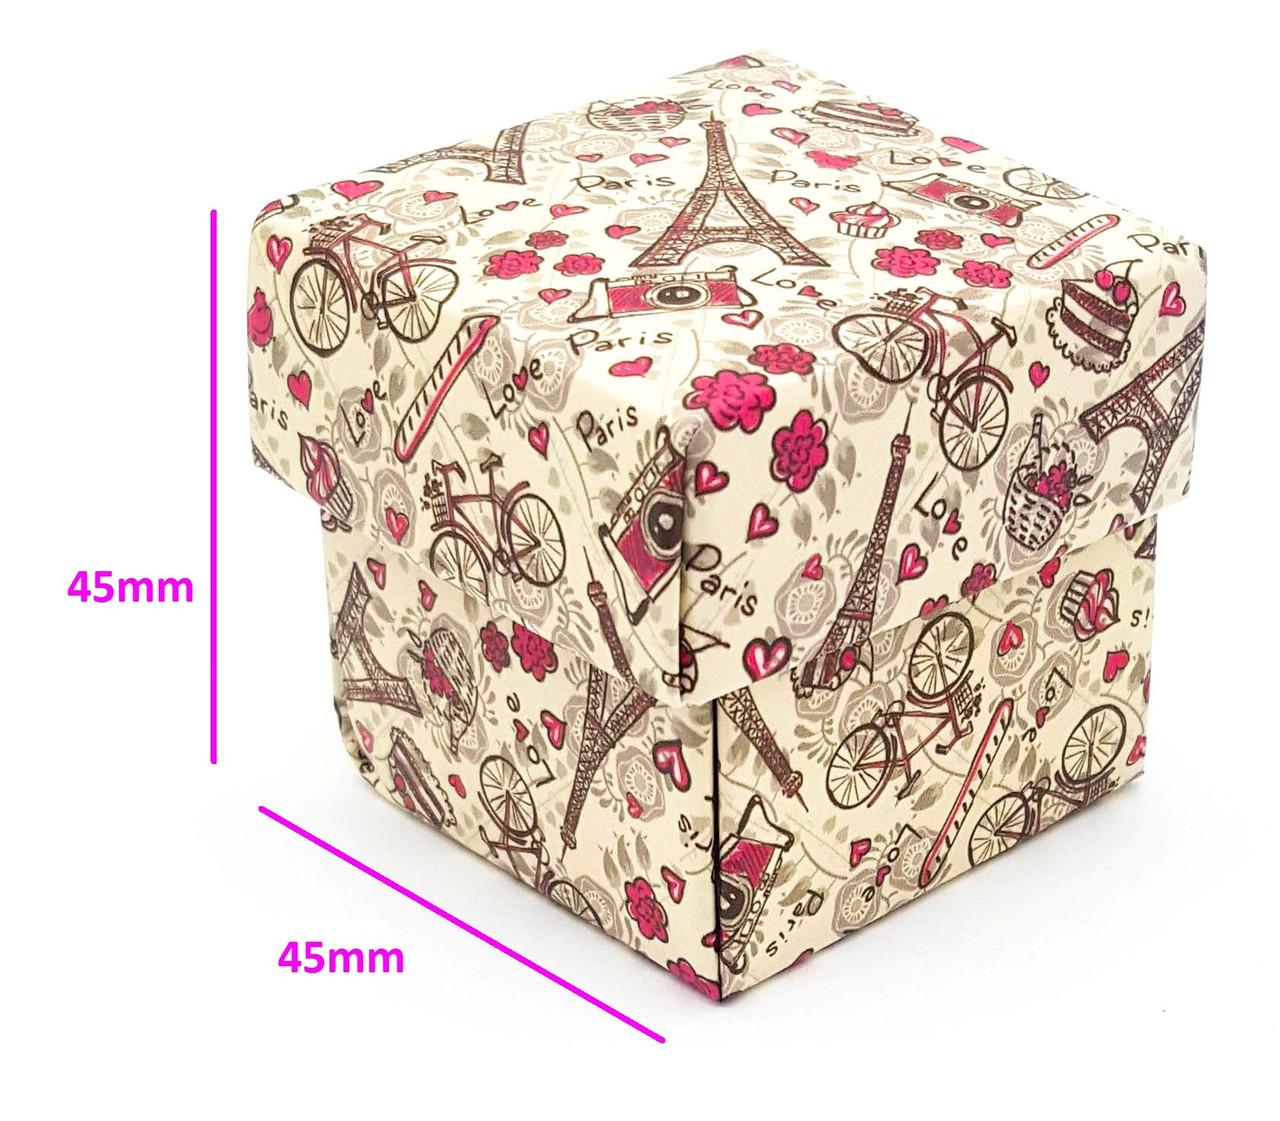 Универсальная Подарочная коробка для бижутерии, Paris